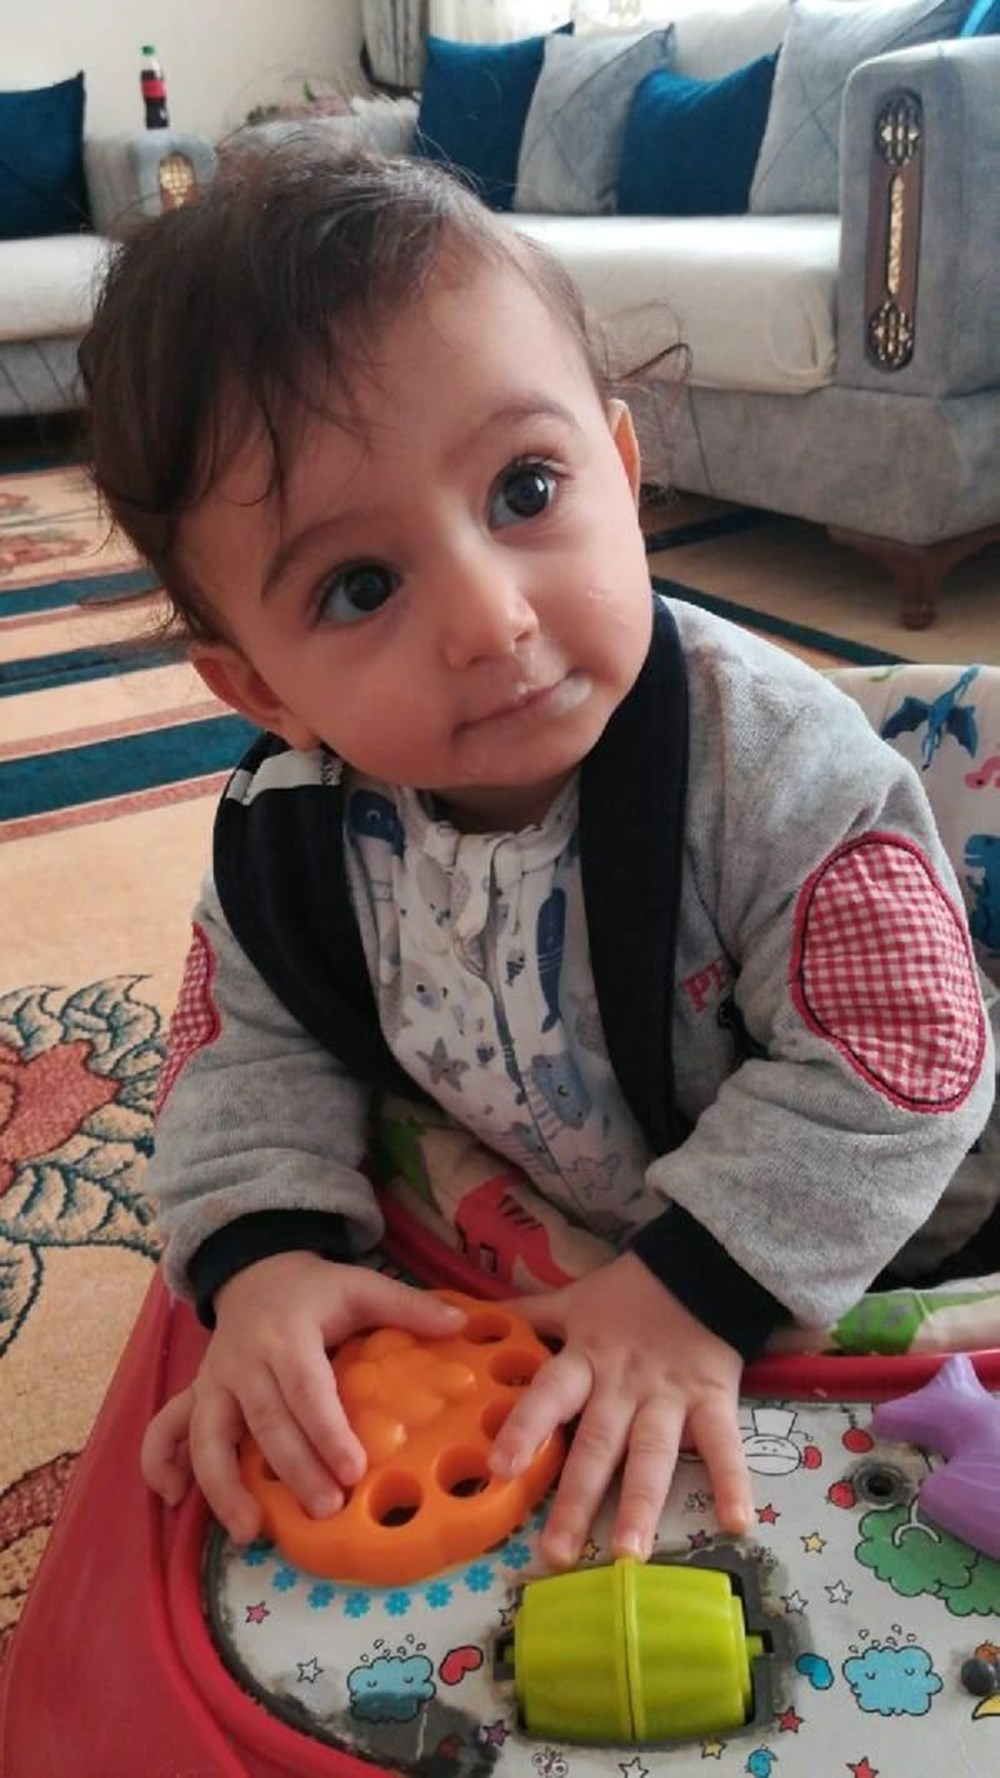 Şişli'de hastaneden bebek kaçırmaya çalıştı: Kendi bebeğime benzettim - 10